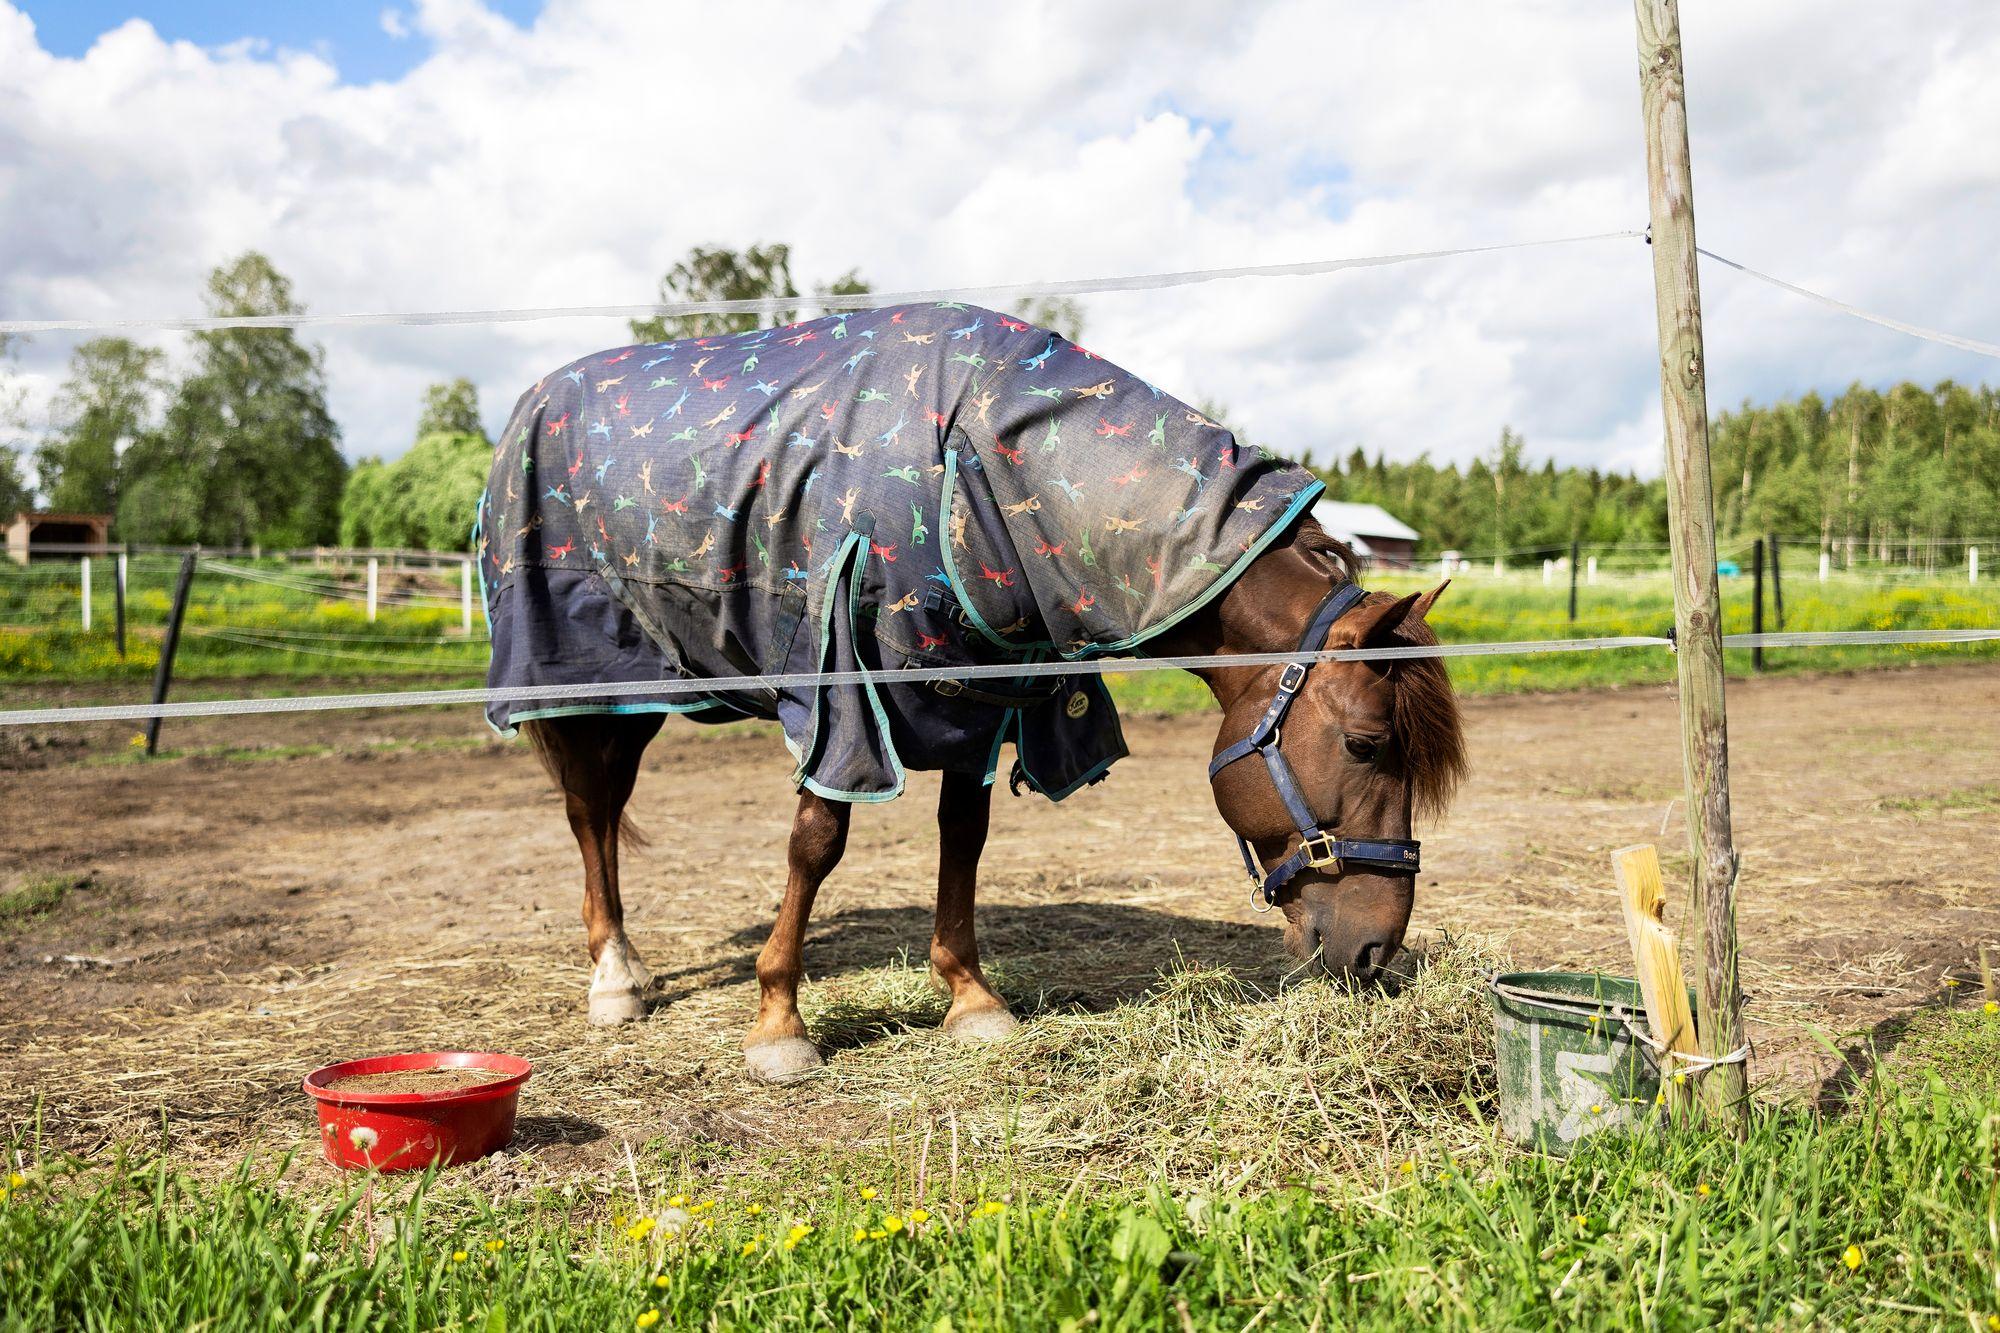 Evartti on kotioloissaan leppoisa herrasmies, mutta ruoholle person ravikuninkaan syömistä on hieman säännösteltävä. © Matias Honkamaa